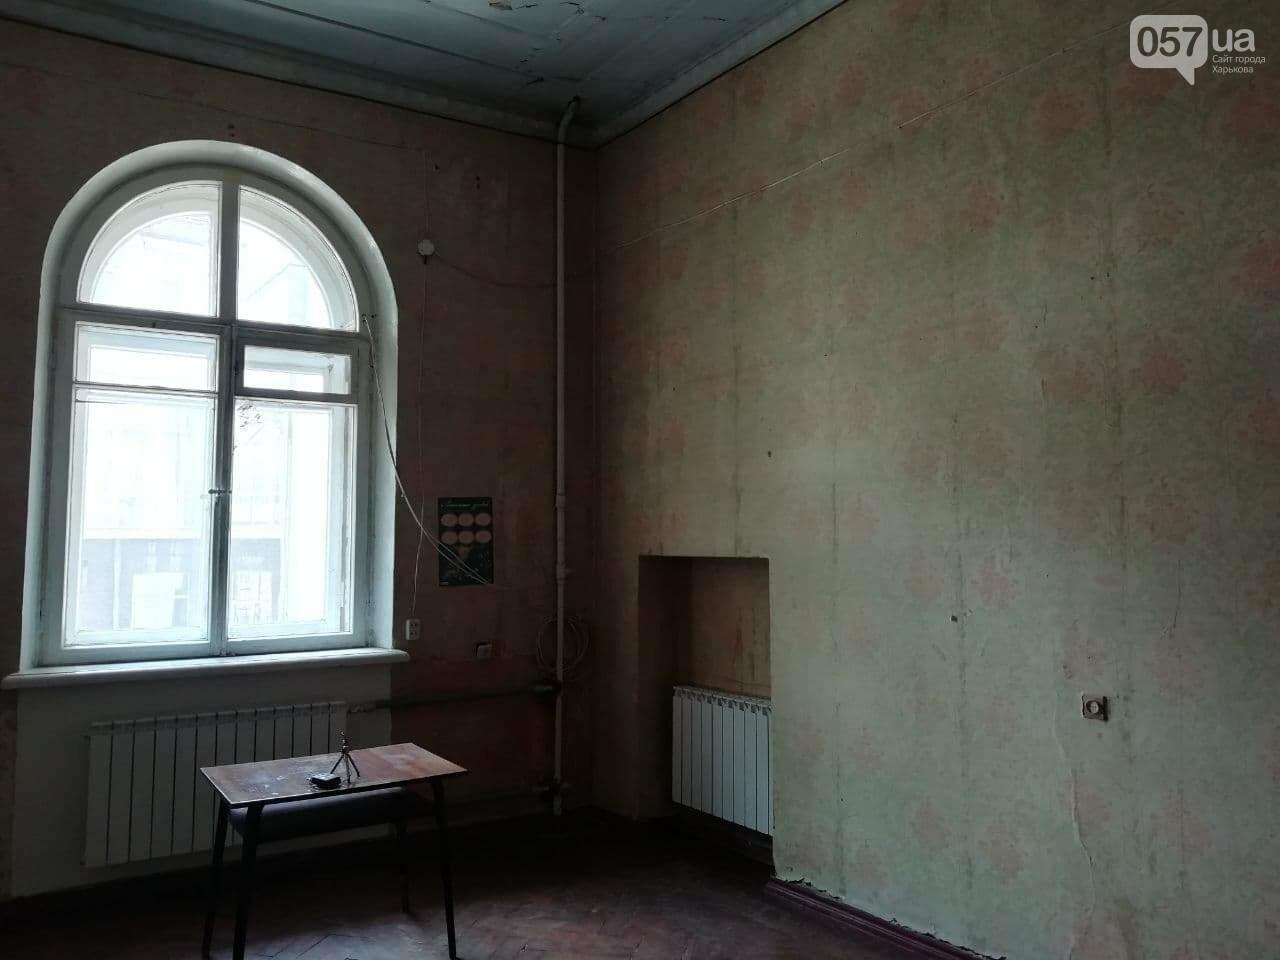 Квартира Шевелева в центра Харькова стала творческой резиденцией, - ФОТО, ВИДЕО, фото-7